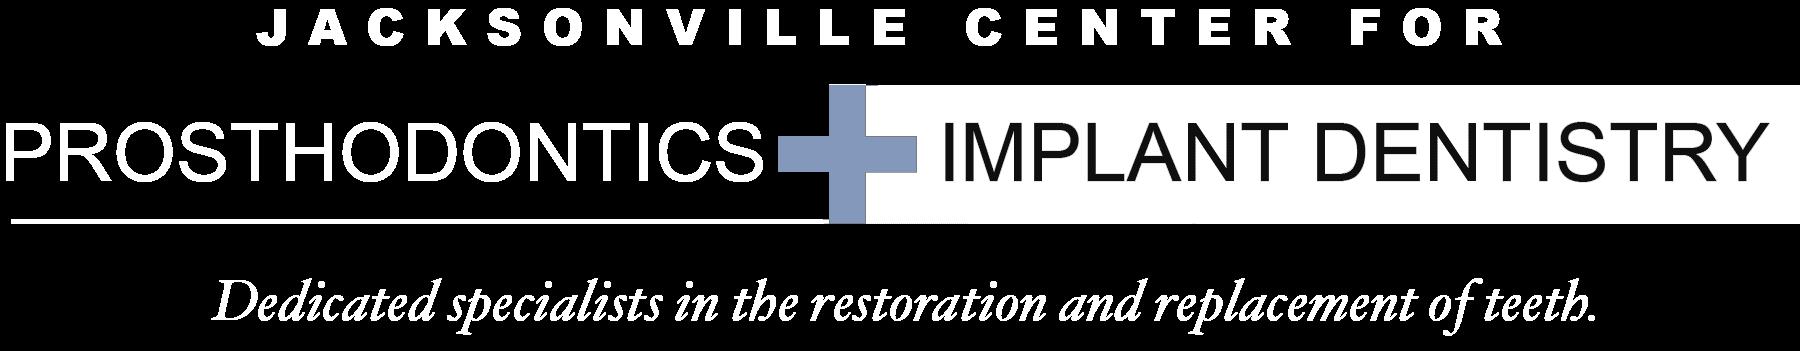 Jacksonville Center for Prosthodontics and Implant Dentistry Logo White